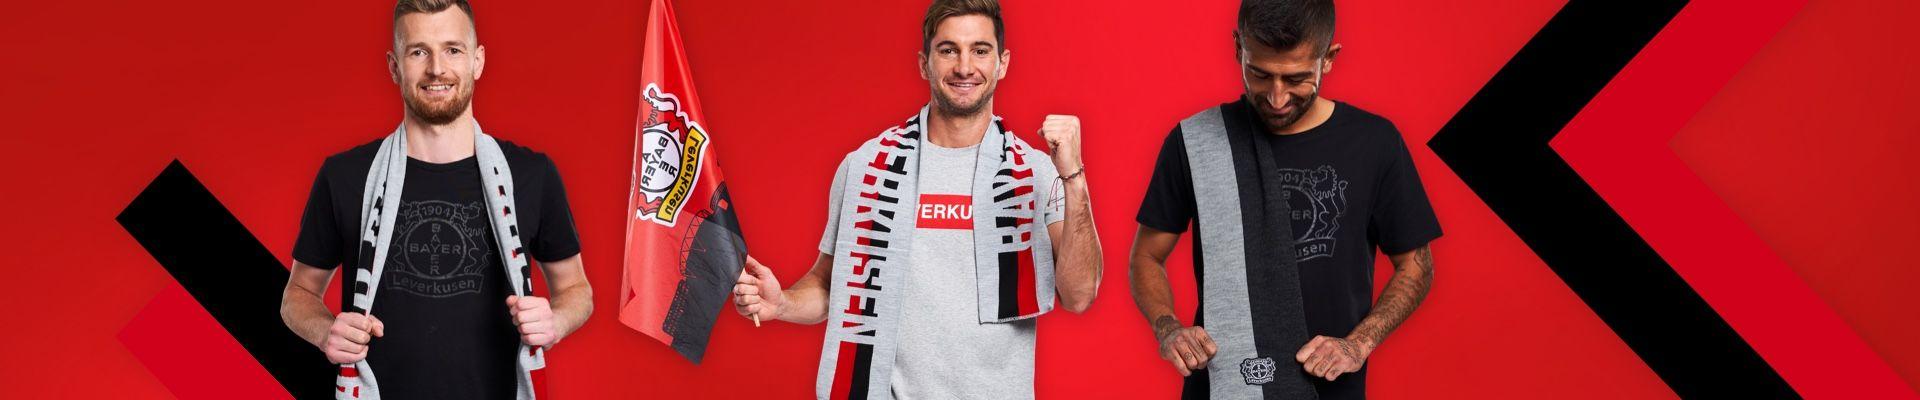 Lukas Hradecky posiert im T-Shirt Black und trägt einen Schal um den Hals. Lucas Alario trägt das T-Shirt Leverkusen, hält eine Fahne in der Hand und trägt einen Schal um den Hals. Kerem Demirbay trägt das T-Shirt Black und einen Schal über die Schulter.